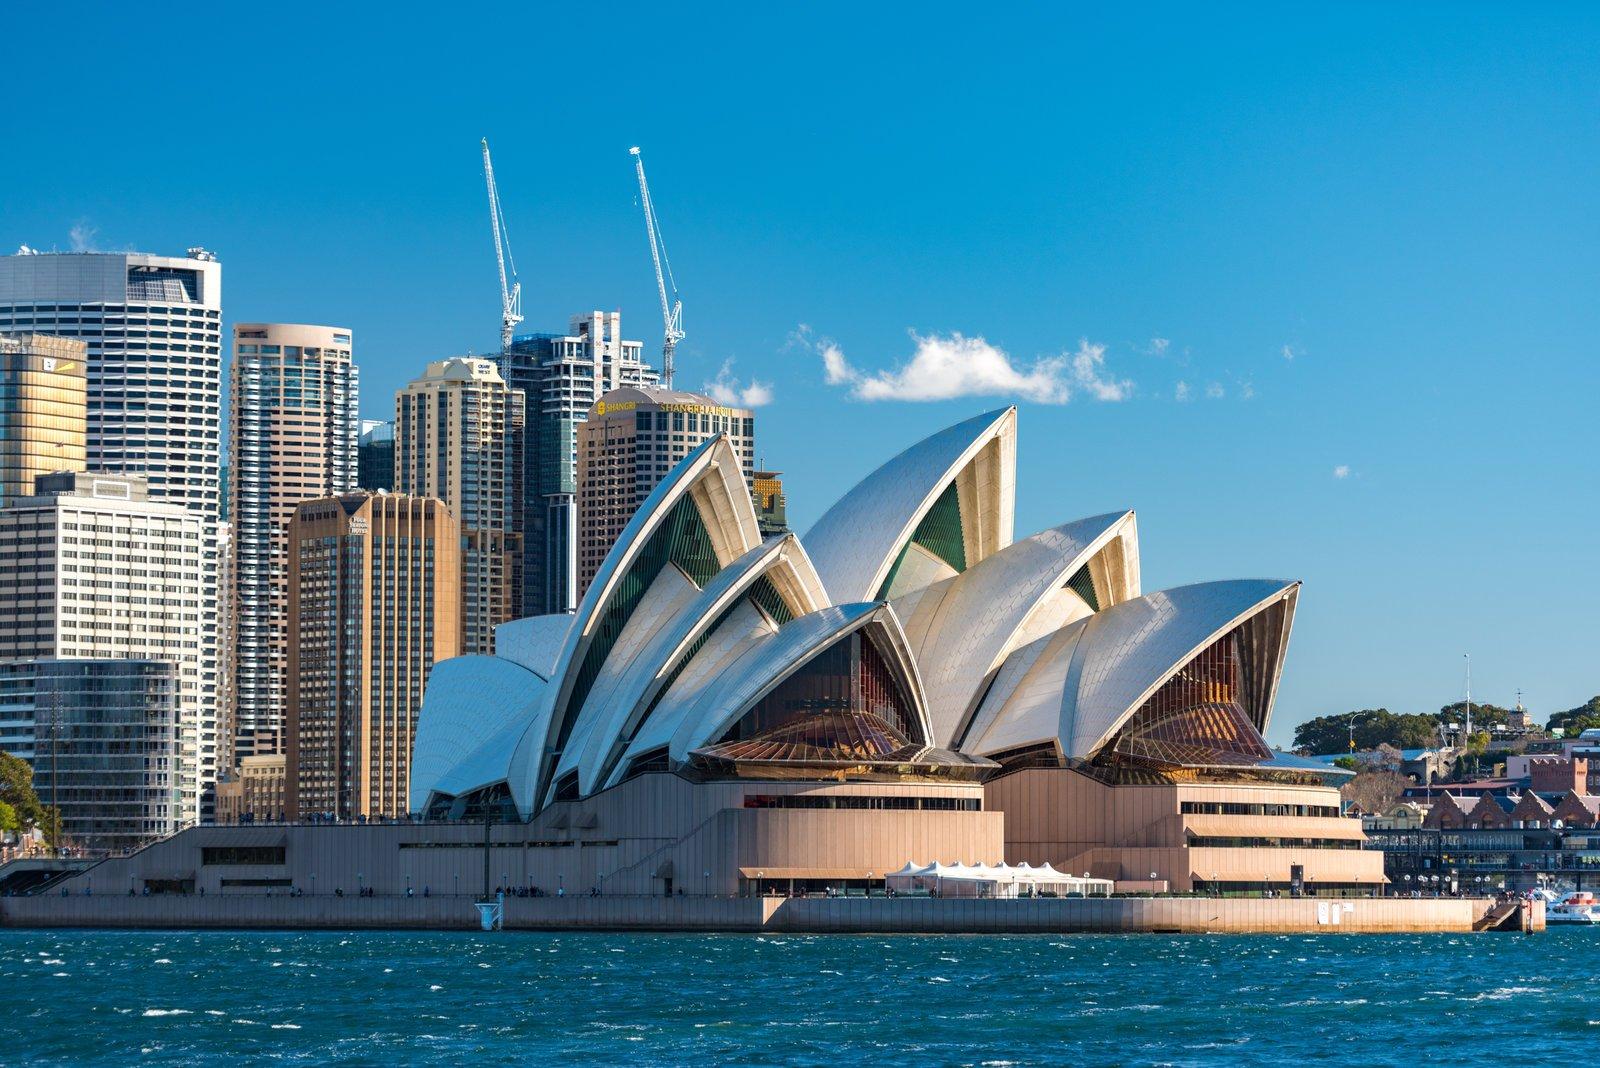 中国雷霆出手后,澳大利亚还不知悔改?60多国抢着瓜分在华市场